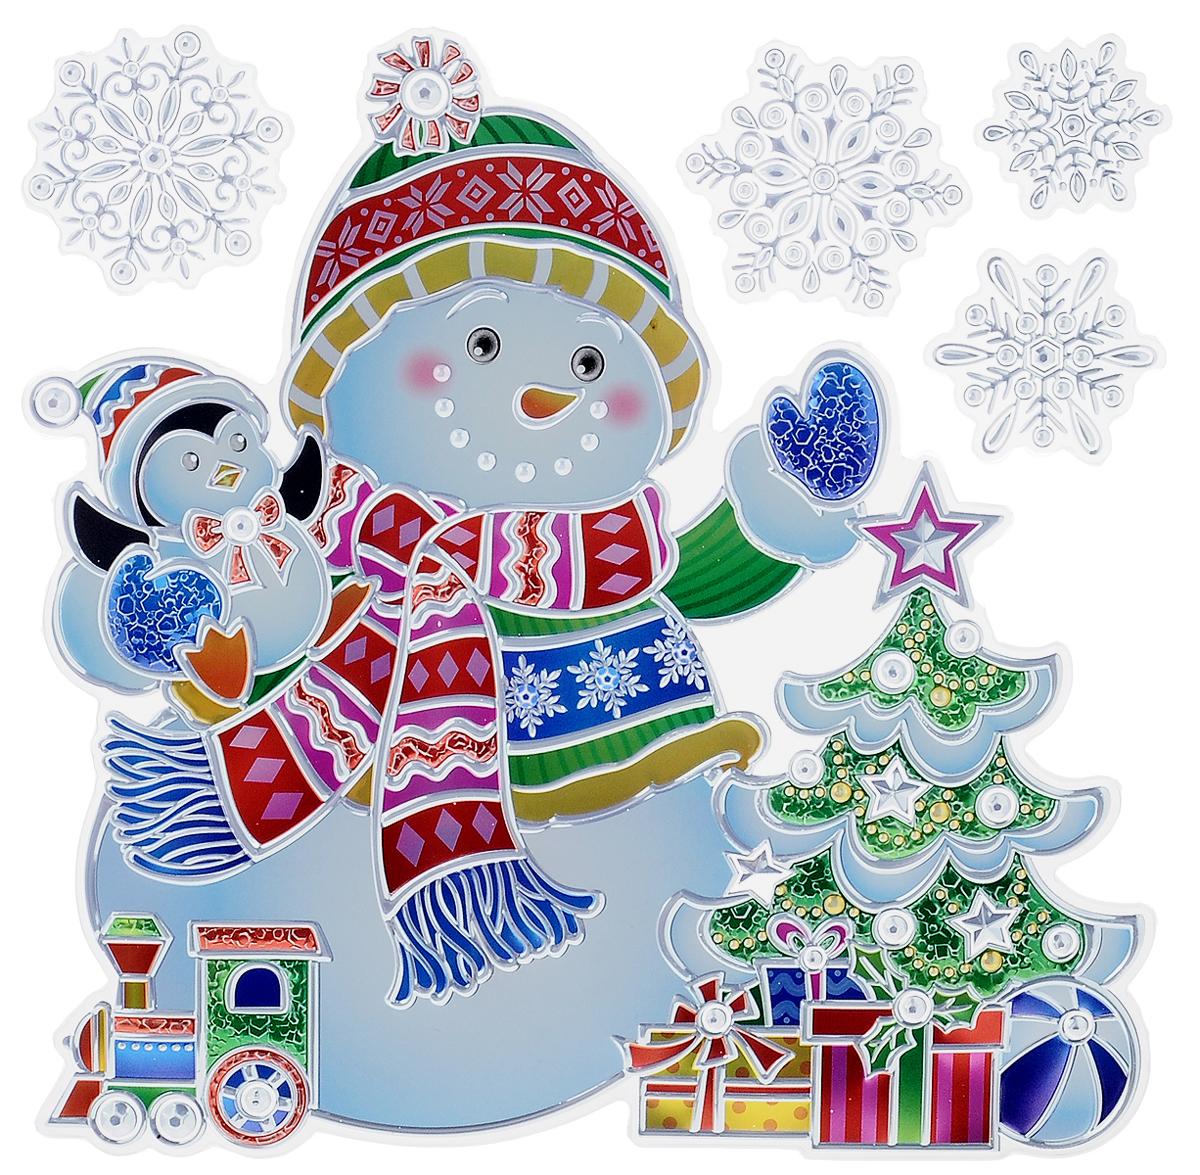 Украшение новогоднее оконное Winter Wings Снеговик с елкой, 5 штN09342Новогоднее оконное украшение Winter Wings Снеговик с елкой поможет украсить дом к предстоящим праздникам. Наклейки изготовлены из ПВХ.С помощью этих украшений вы сможете оживить интерьер по своему вкусу, наклеить их на окно, на зеркало или на дверь.Новогодние украшения всегда несут в себе волшебство и красоту праздника. Создайте в своем доме атмосферу тепла, веселья и радости, украшая его всей семьей. Размер листа: 18 х 24 см. Количество наклеек на листе: 5 шт. Размер самой большой наклейки: 17 х 17,5 см. Размер самой маленькой наклейки: 3 х 3 см.